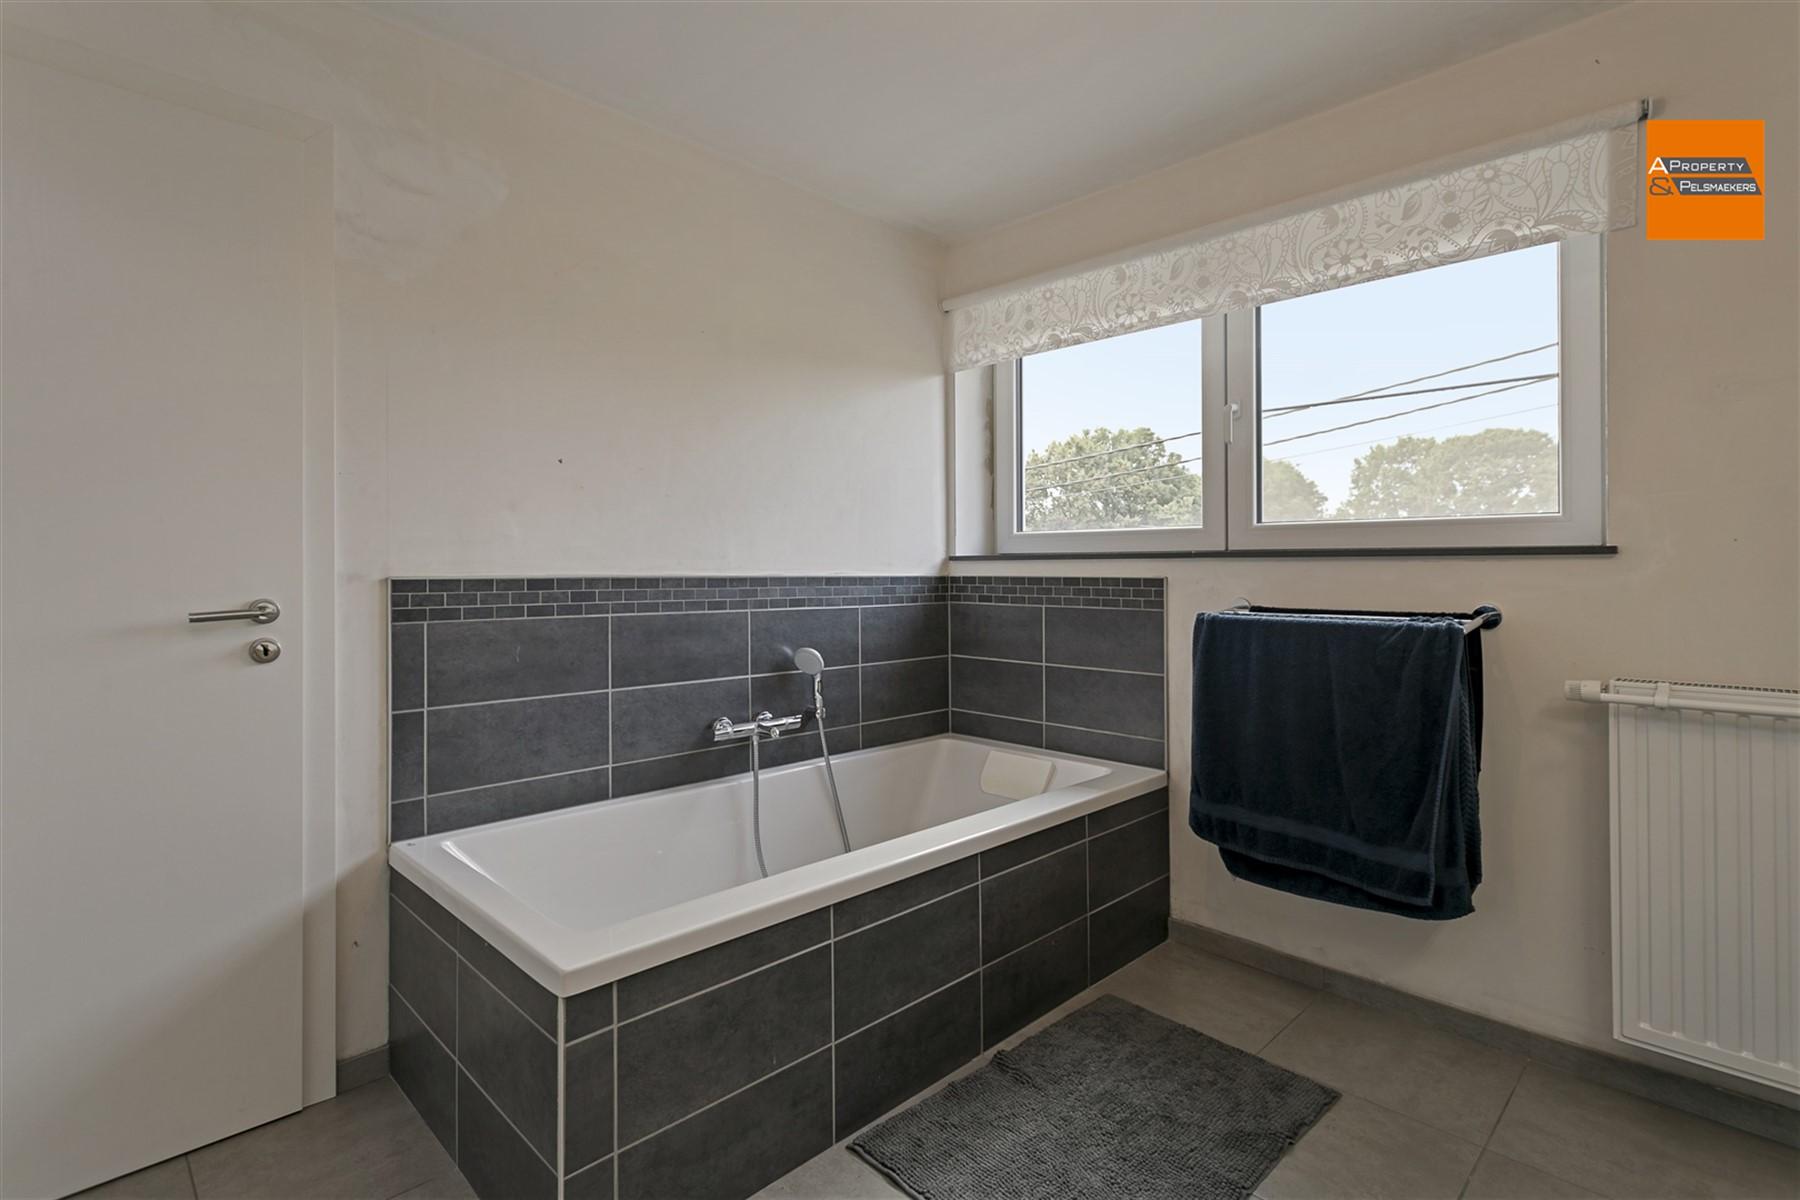 Foto 21 : Huis in 3071 ERPS-KWERPS (België) - Prijs € 650.000